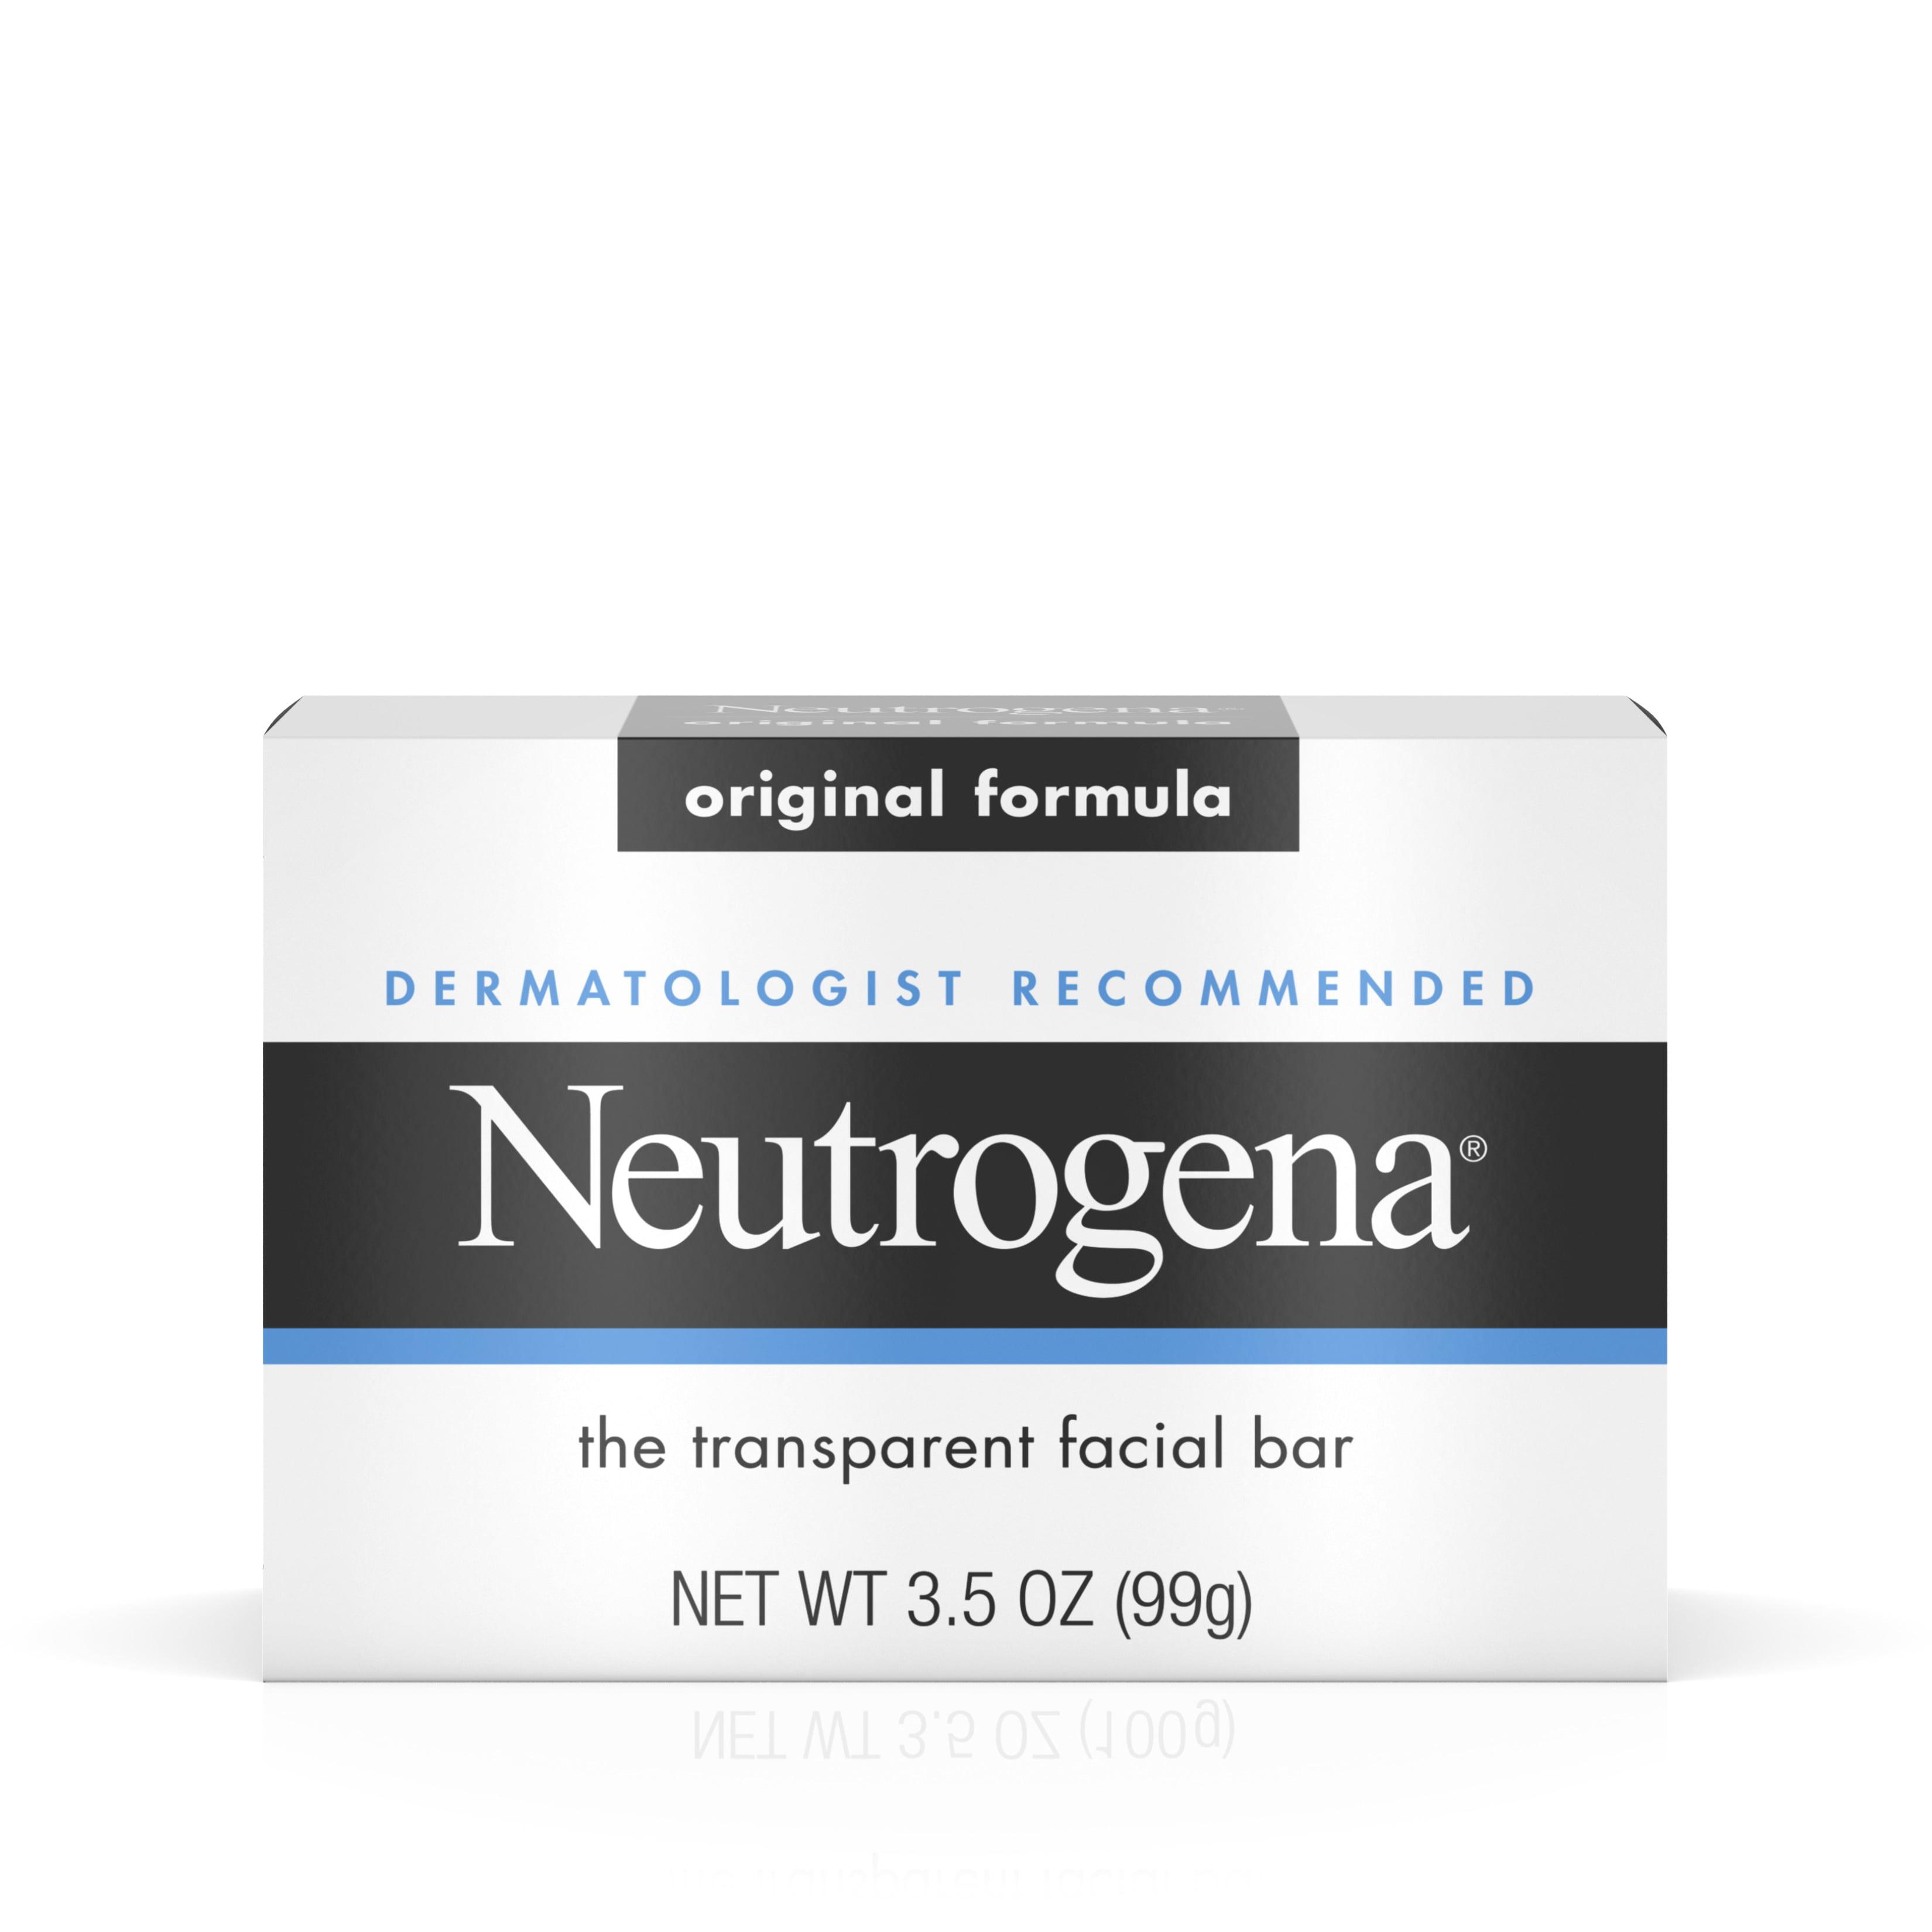 Neutrogena Facial Cleansing Bar, Original, 3.5 Oz